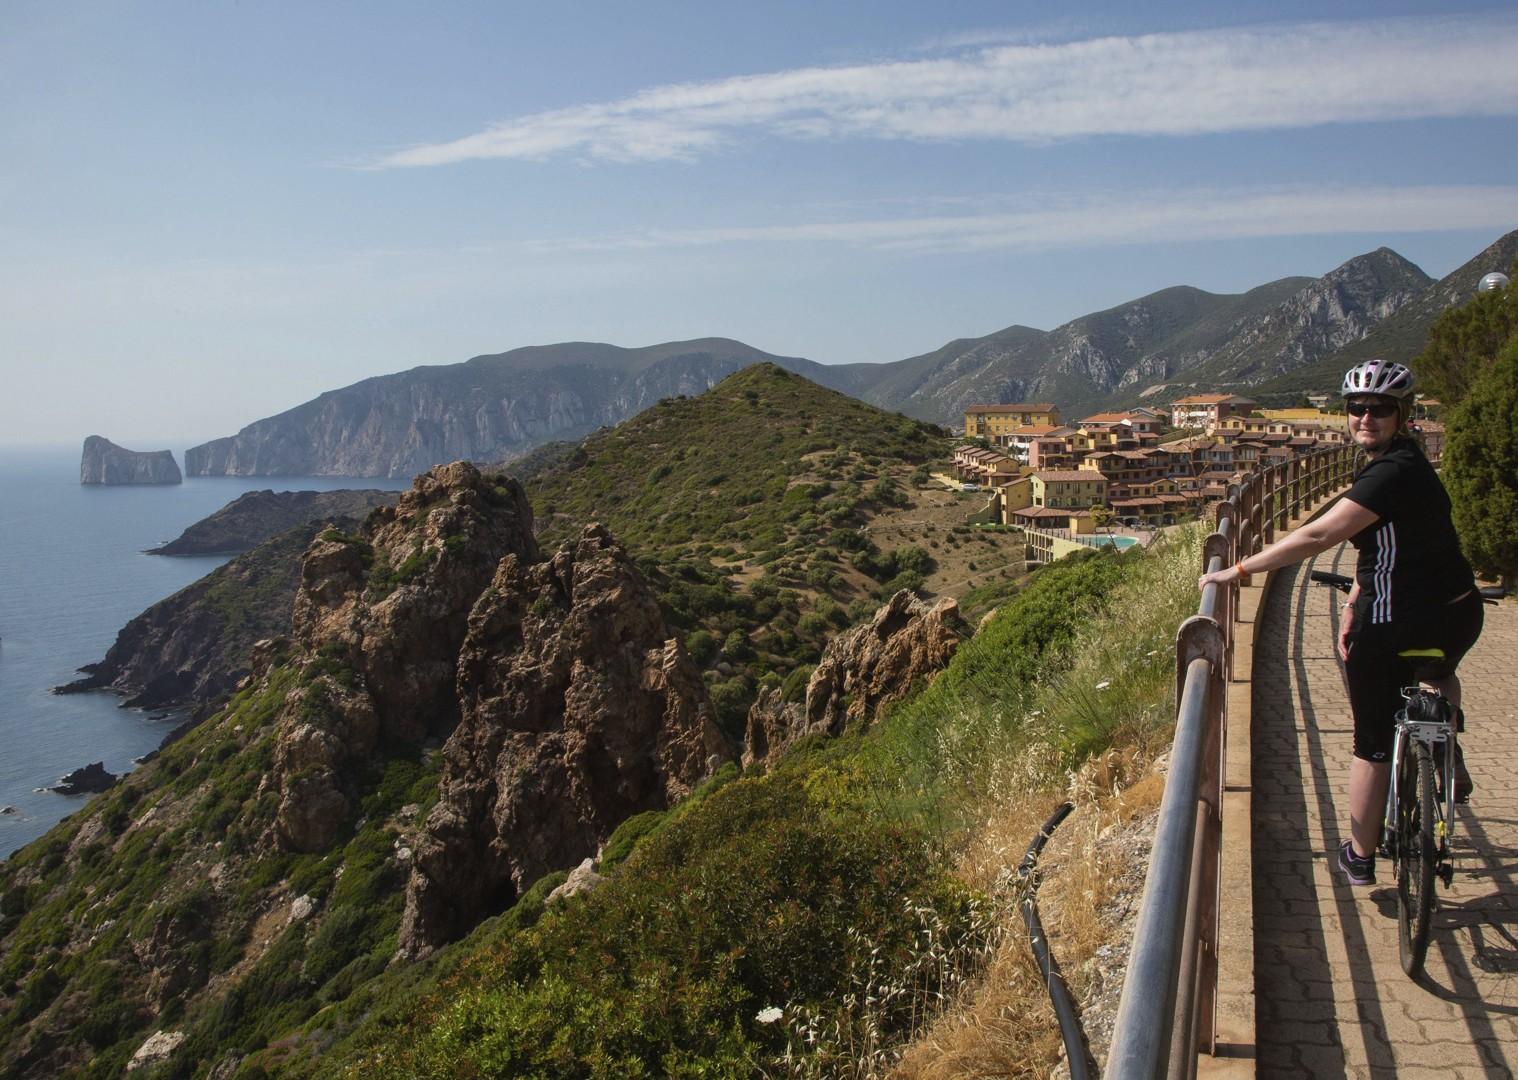 SardiniaCycling-60.jpg - Italy - Sardinia - Family Flavours - Guided Family Cycling Holiday - Family Cycling